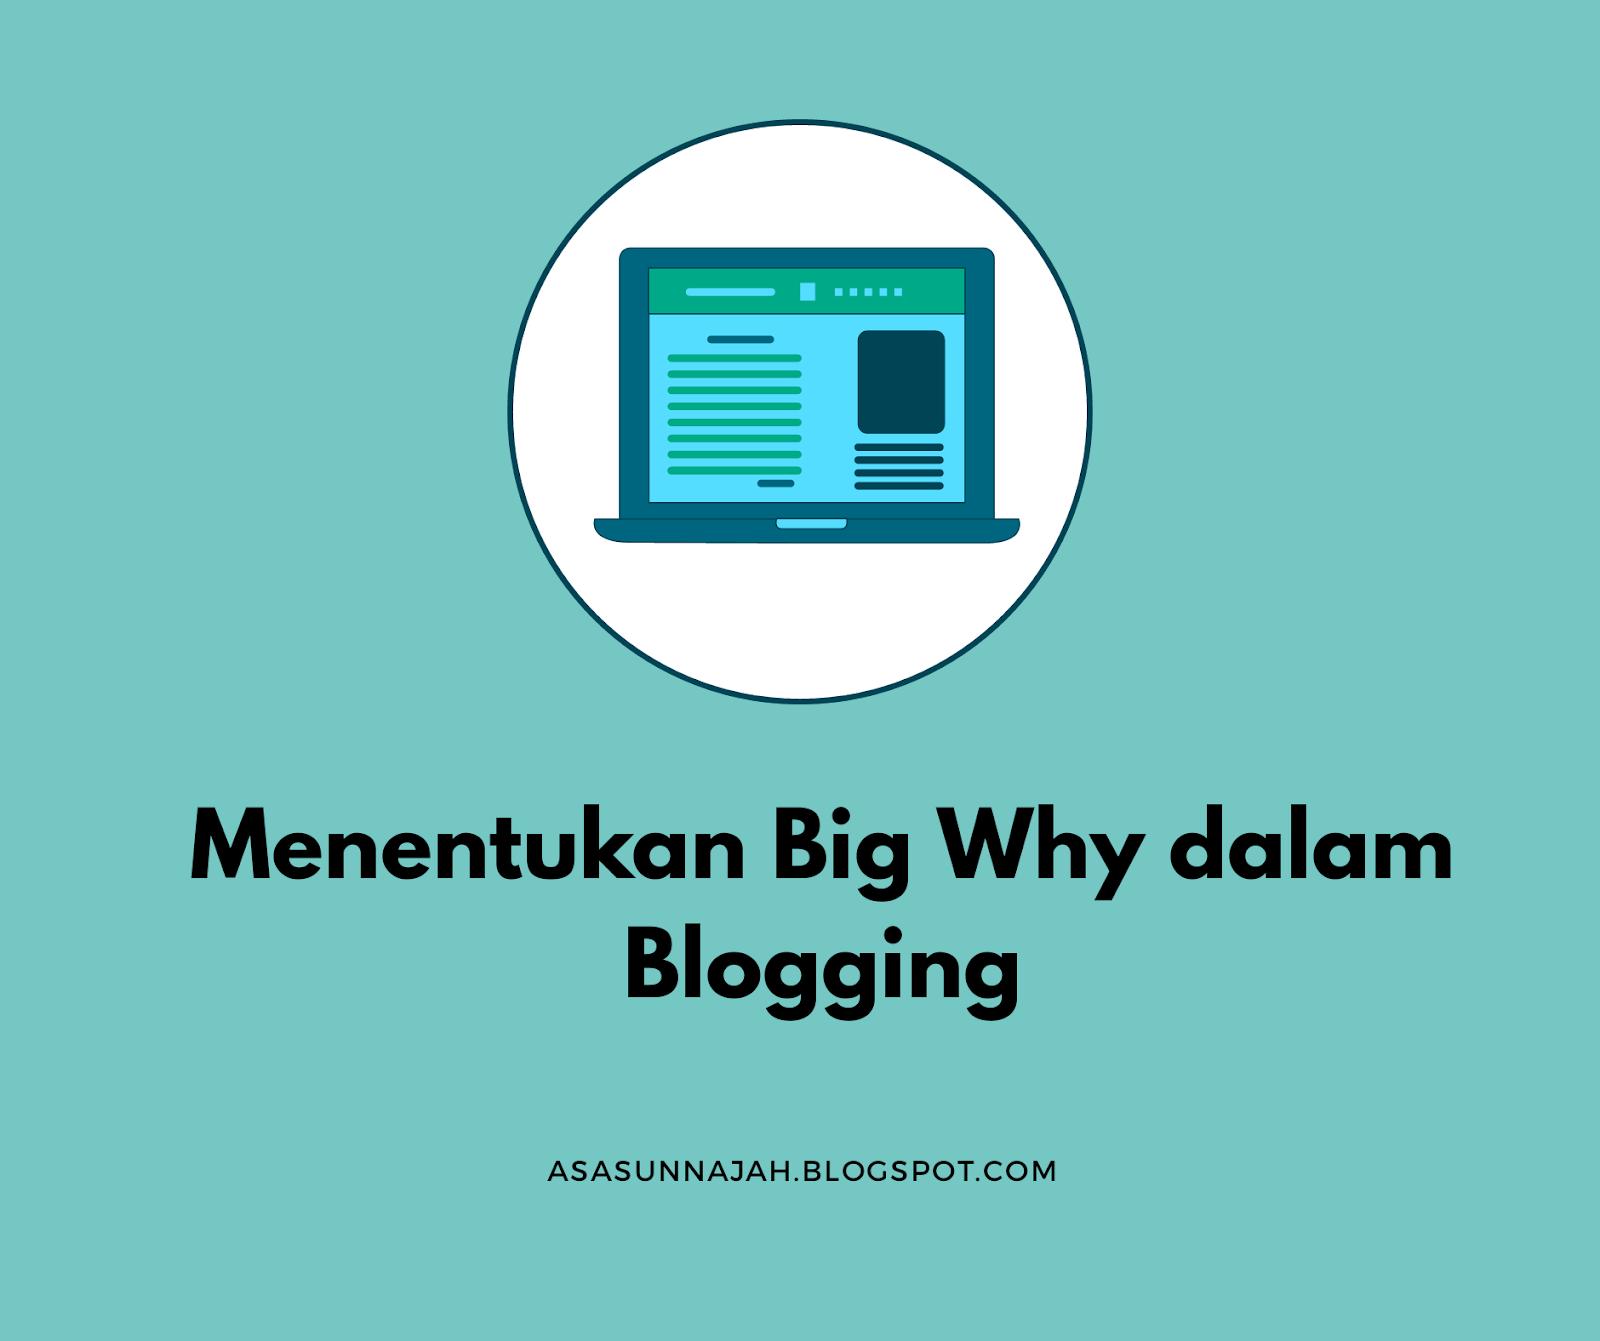 Menentukan Big Why dalam Blogging